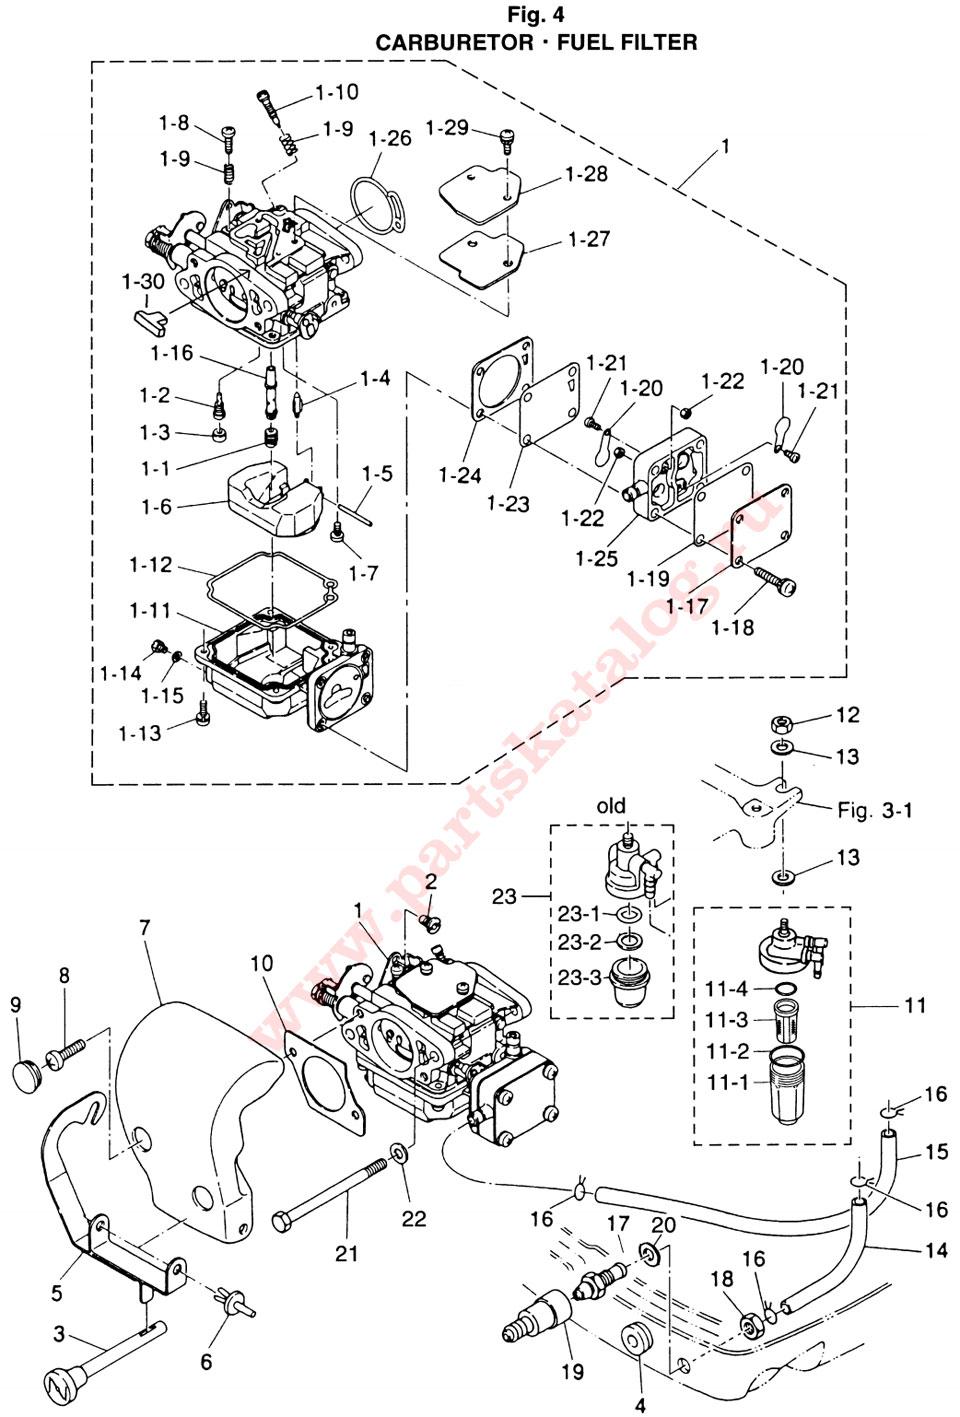 Карбюратор, топливный фильтр на лодочный мотор Tohatsu